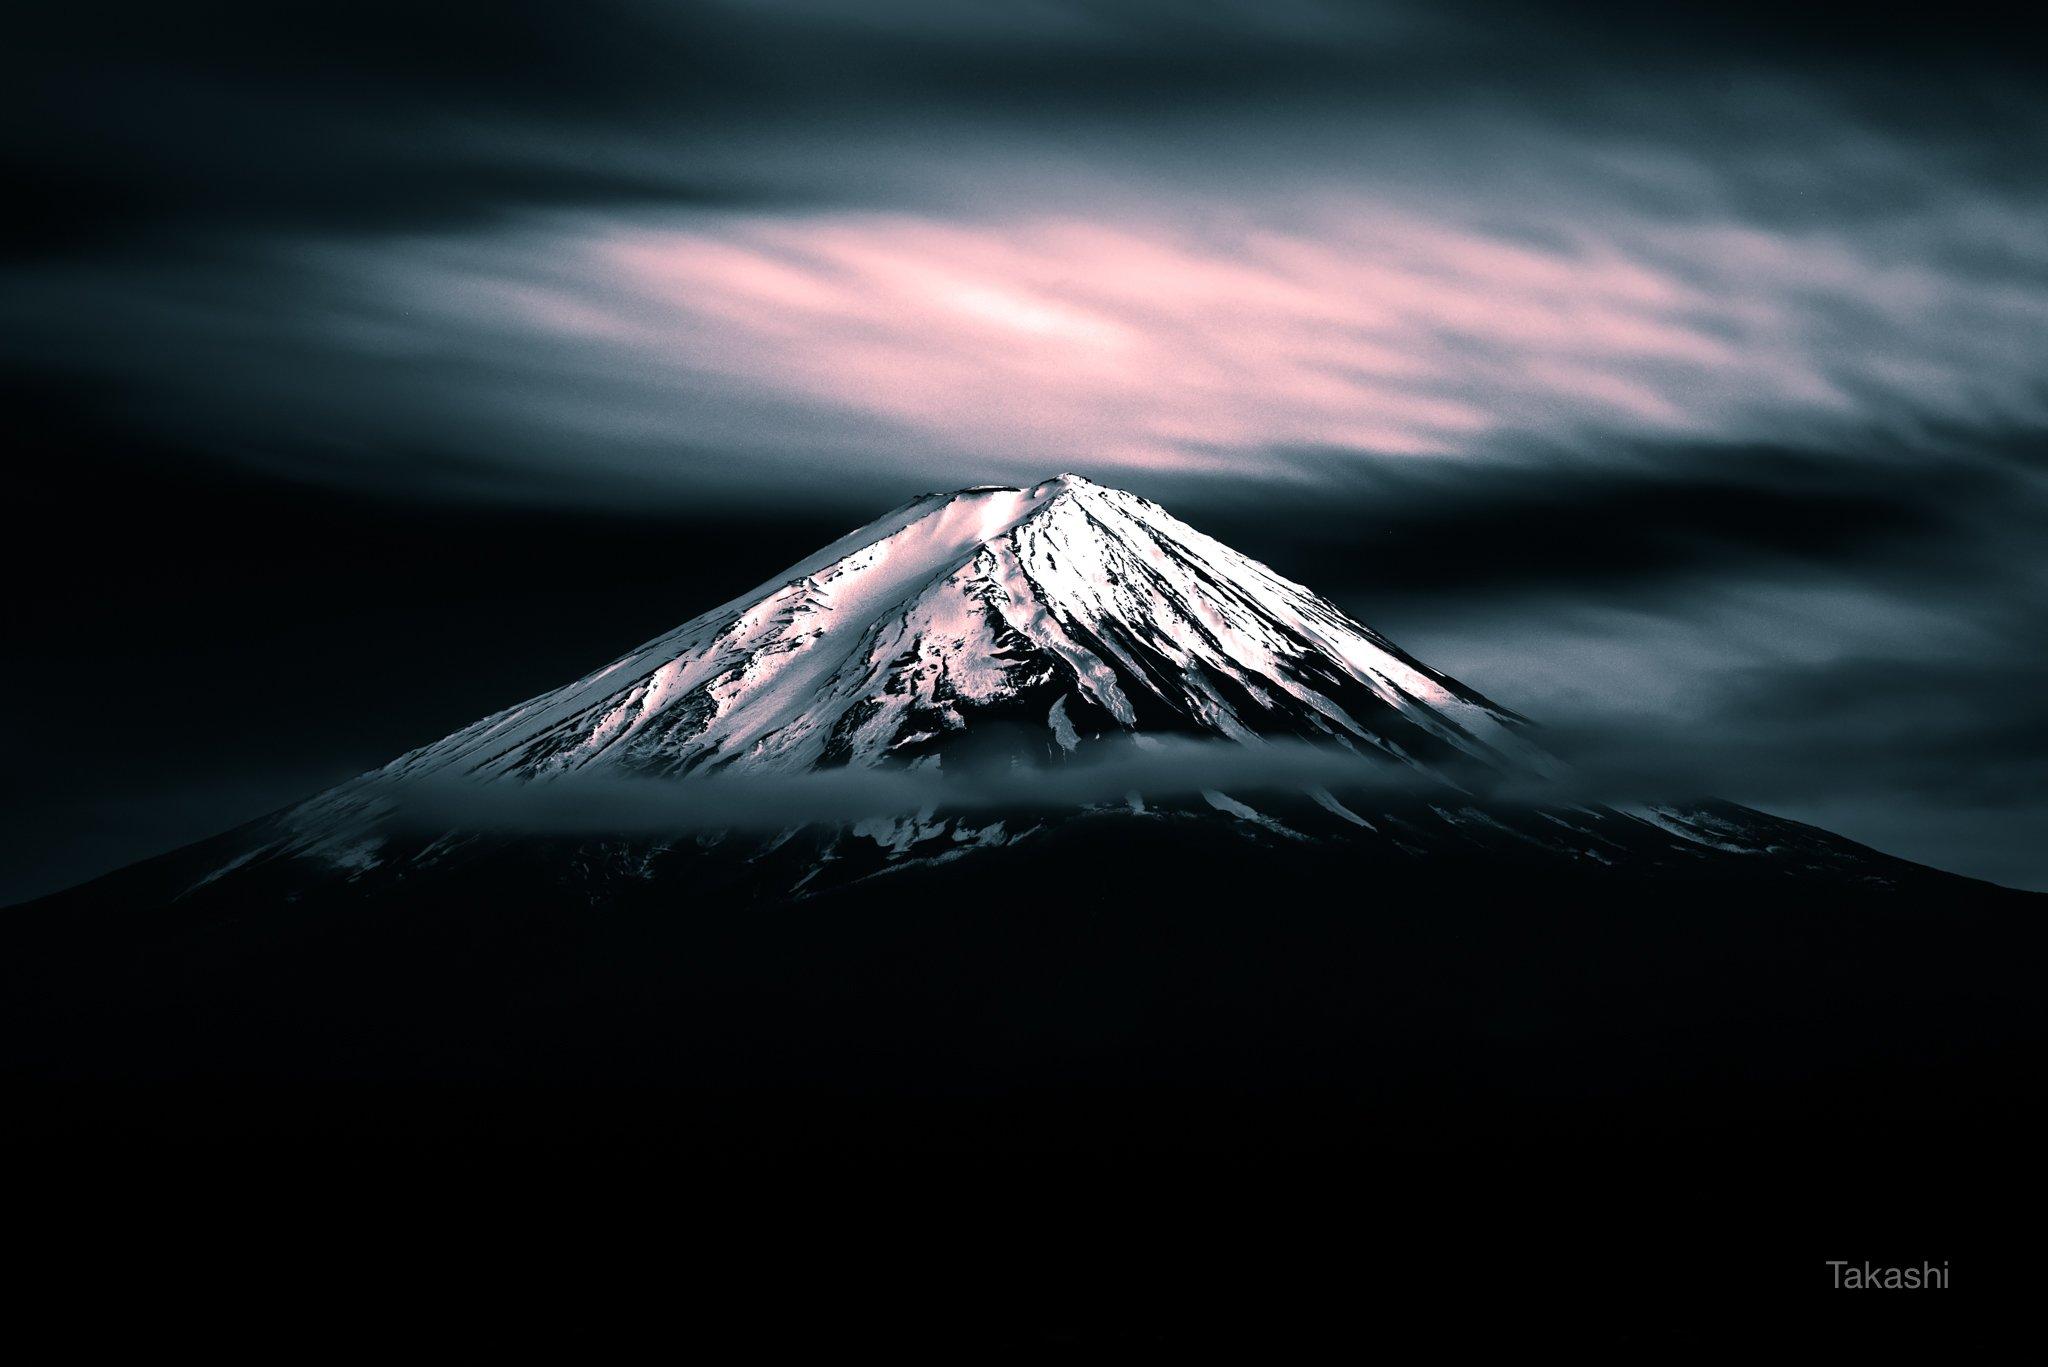 japan,fuji,mountain,cloud, Takashi